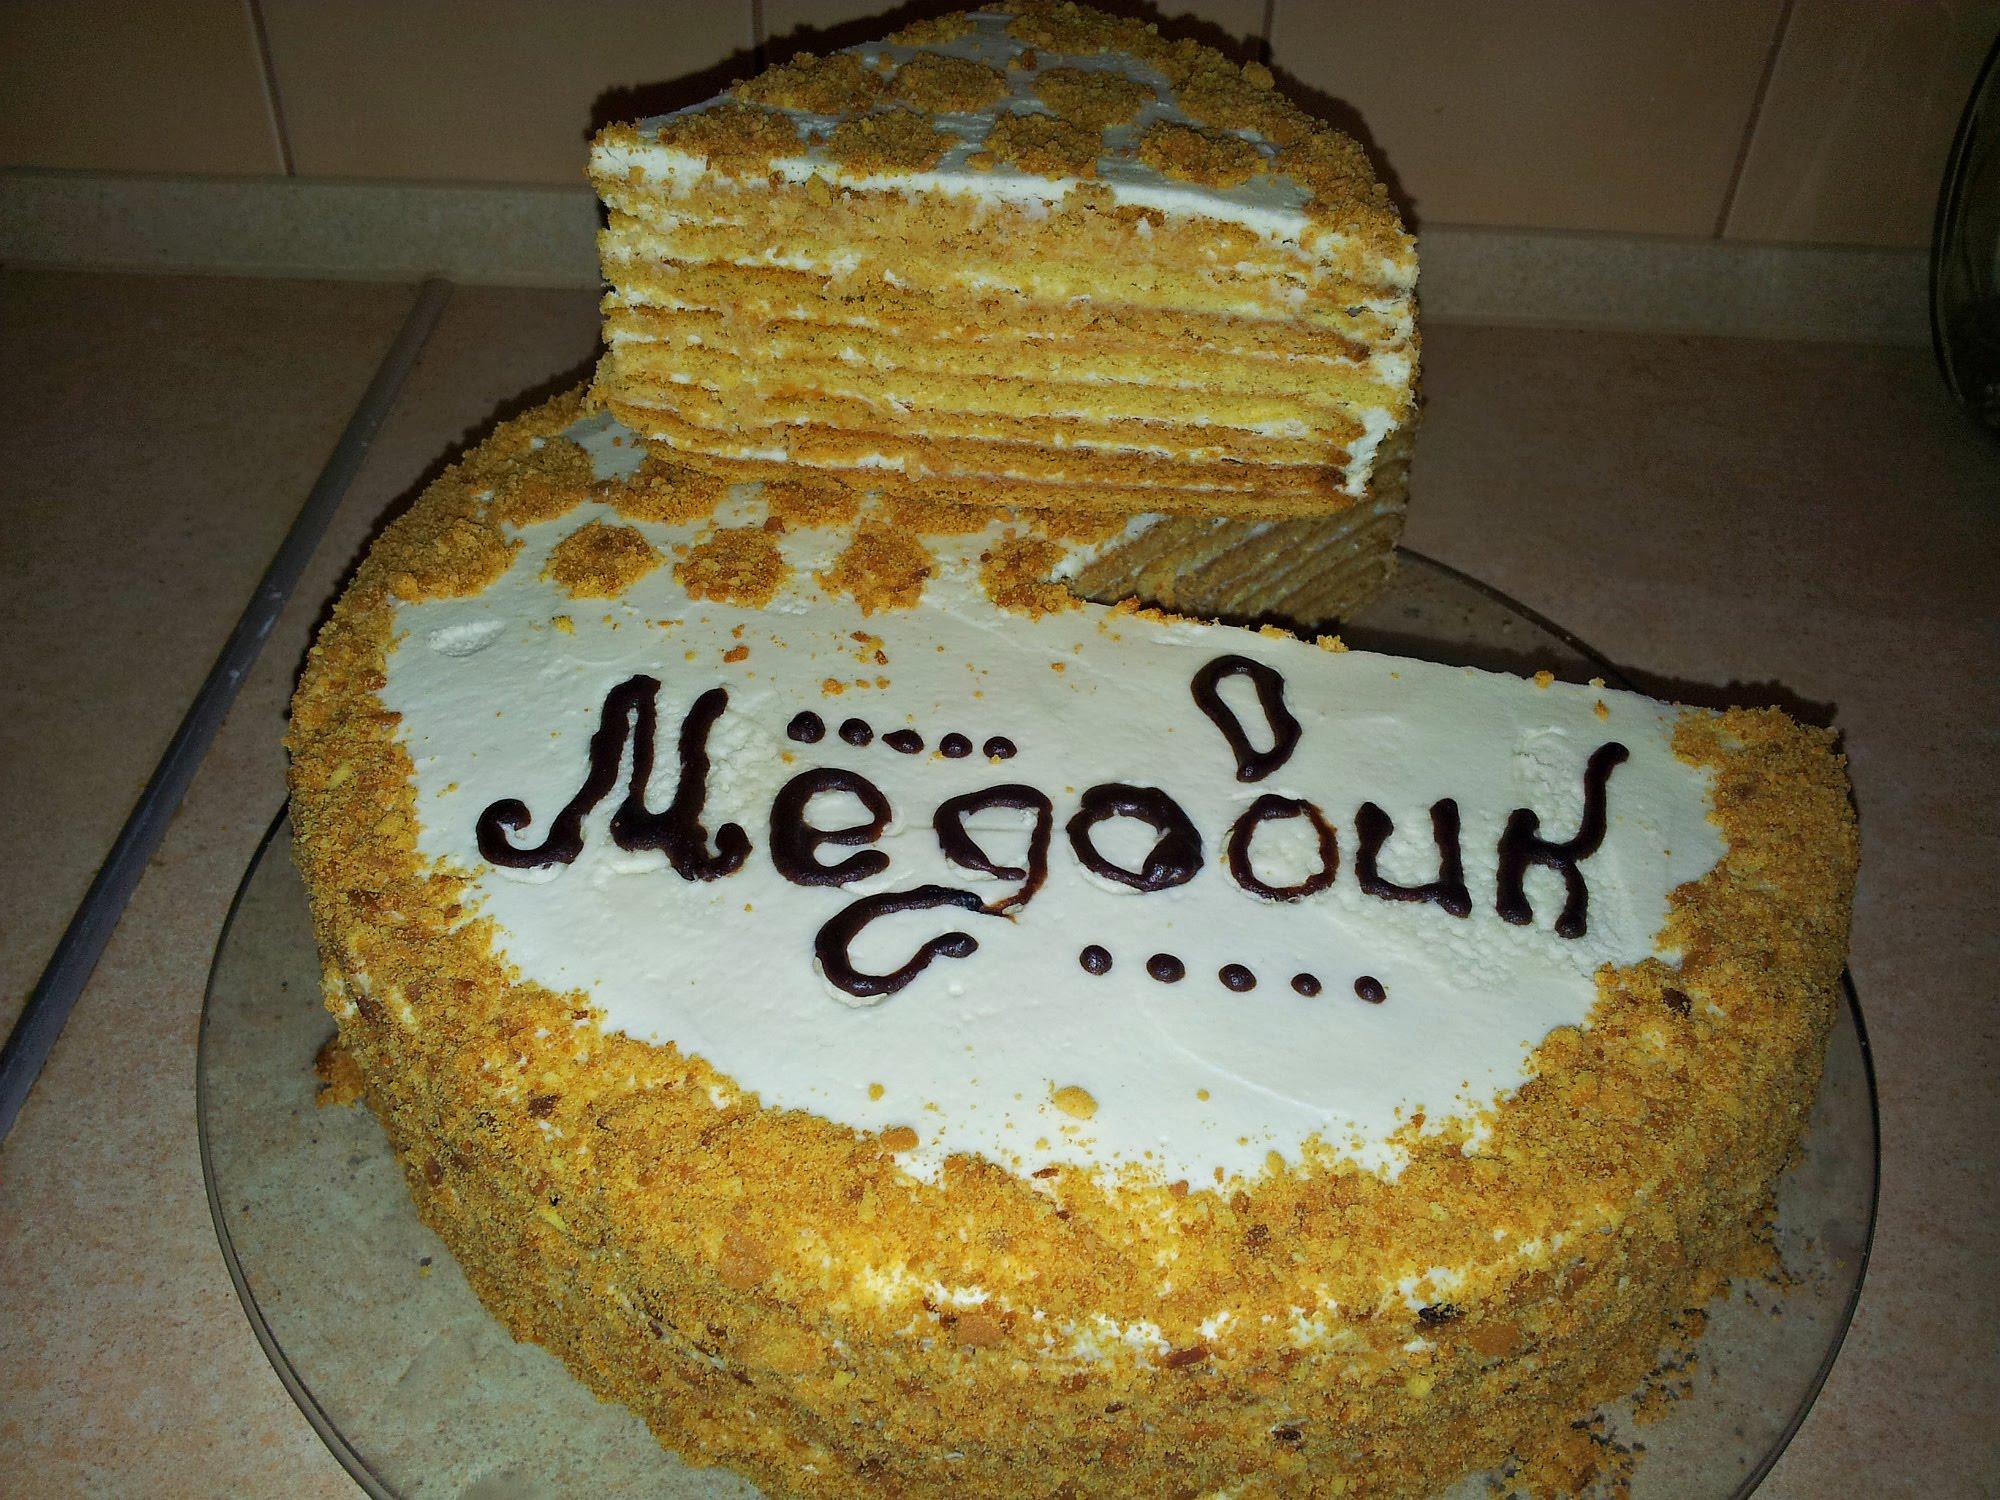 Рецепт торта медовика со сметанным кремом в домашних условиях с фото пошагово